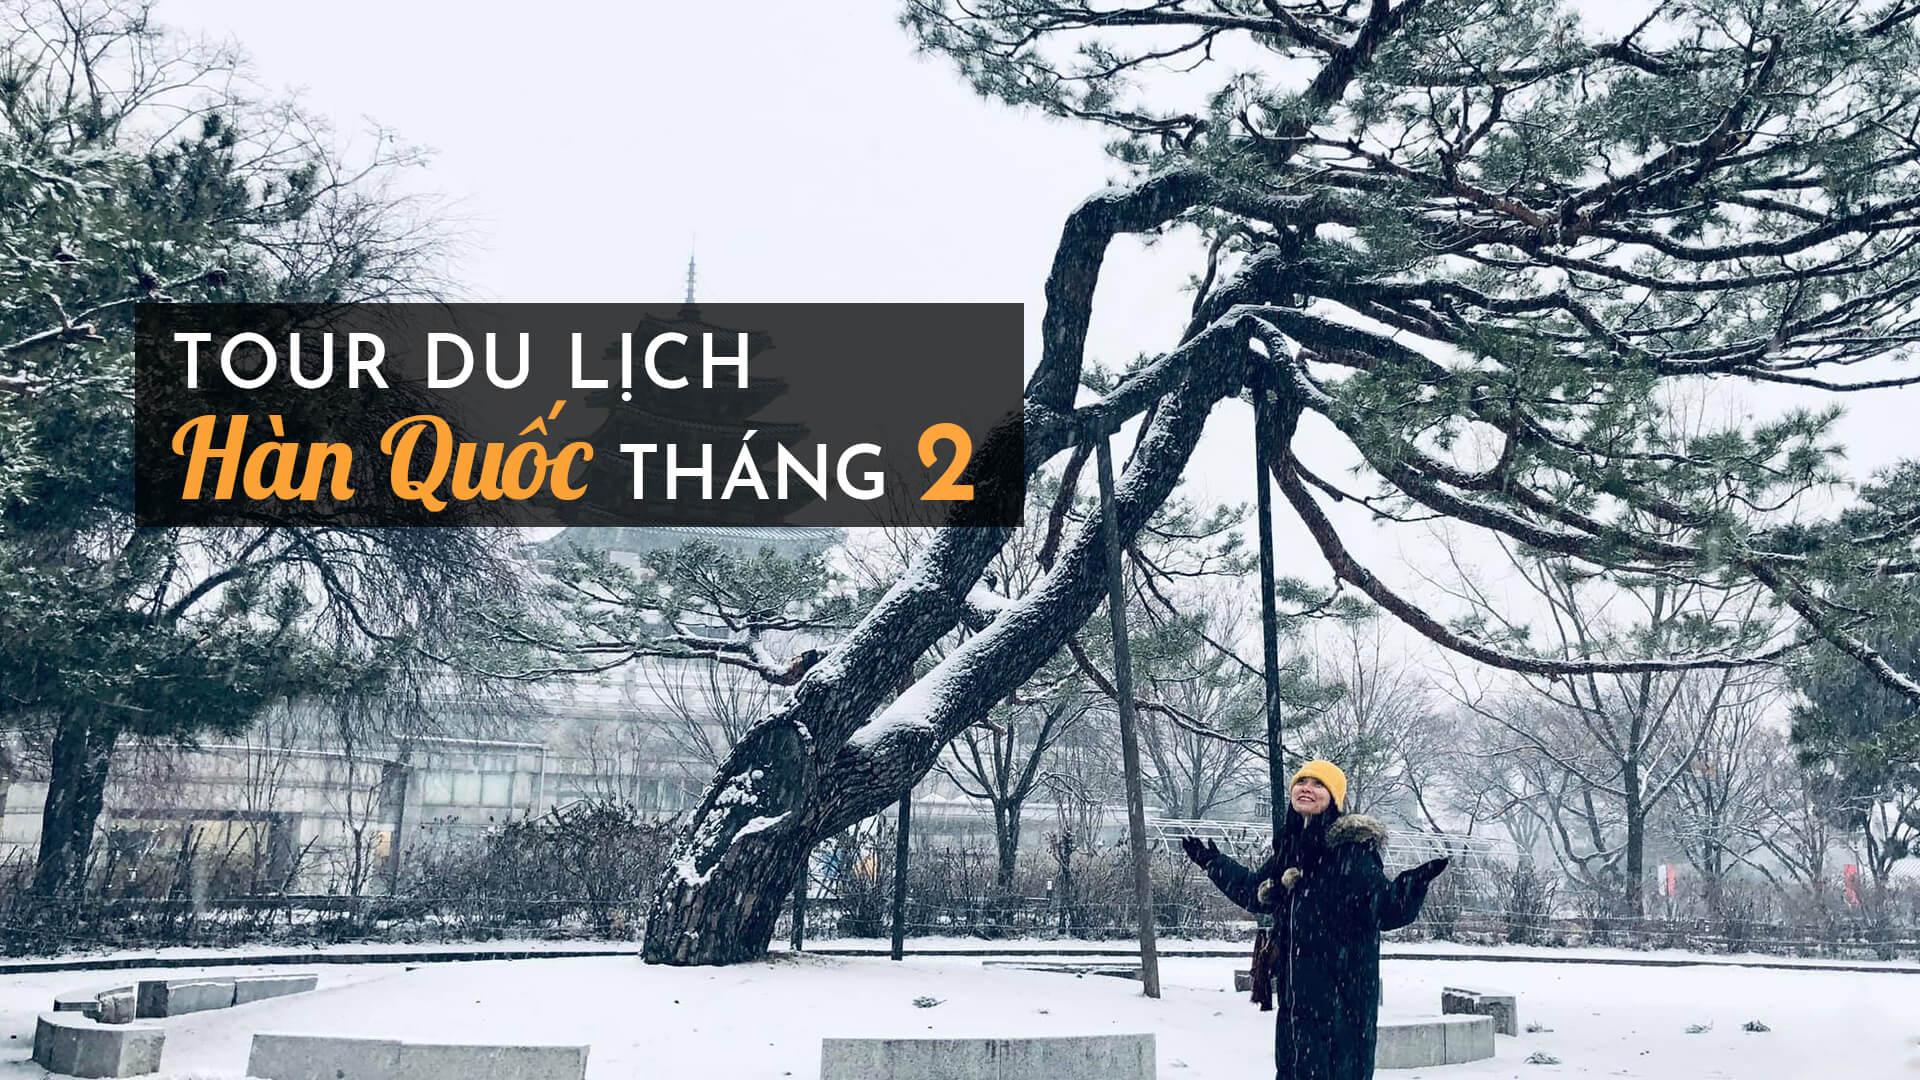 Tận hưởng không khí mùa đông với Tour du lịch hàn quốc tháng 2